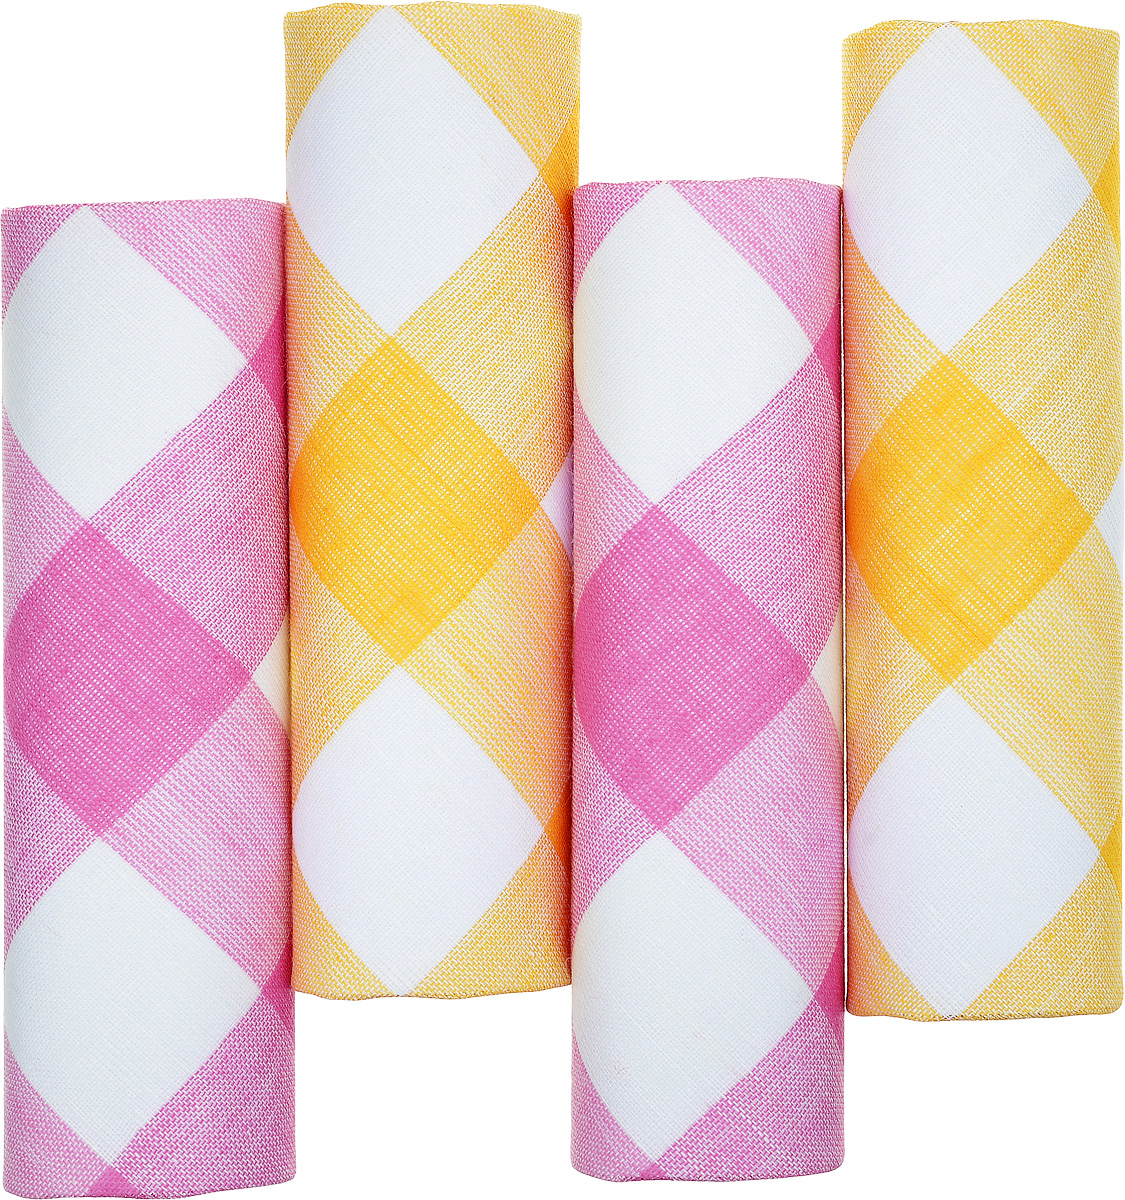 Платок носовой женский Zlata Korunka, цвет: белый, розовый, желтый. 71420-8. Размер 29 х 29 см, 4 штГлидерный браслетНосовой платок Zlata Korunka изготовлен из высококачественного натурального хлопка, благодаря чему приятен в использовании, хорошо стирается, не садится и отлично впитывает влагу. Практичный и изящный носовой платок будет незаменим в повседневной жизни любого современного человека. Такой платок послужит стильным аксессуаром и подчеркнет ваше превосходное чувство вкуса.В комплекте 4 платка.